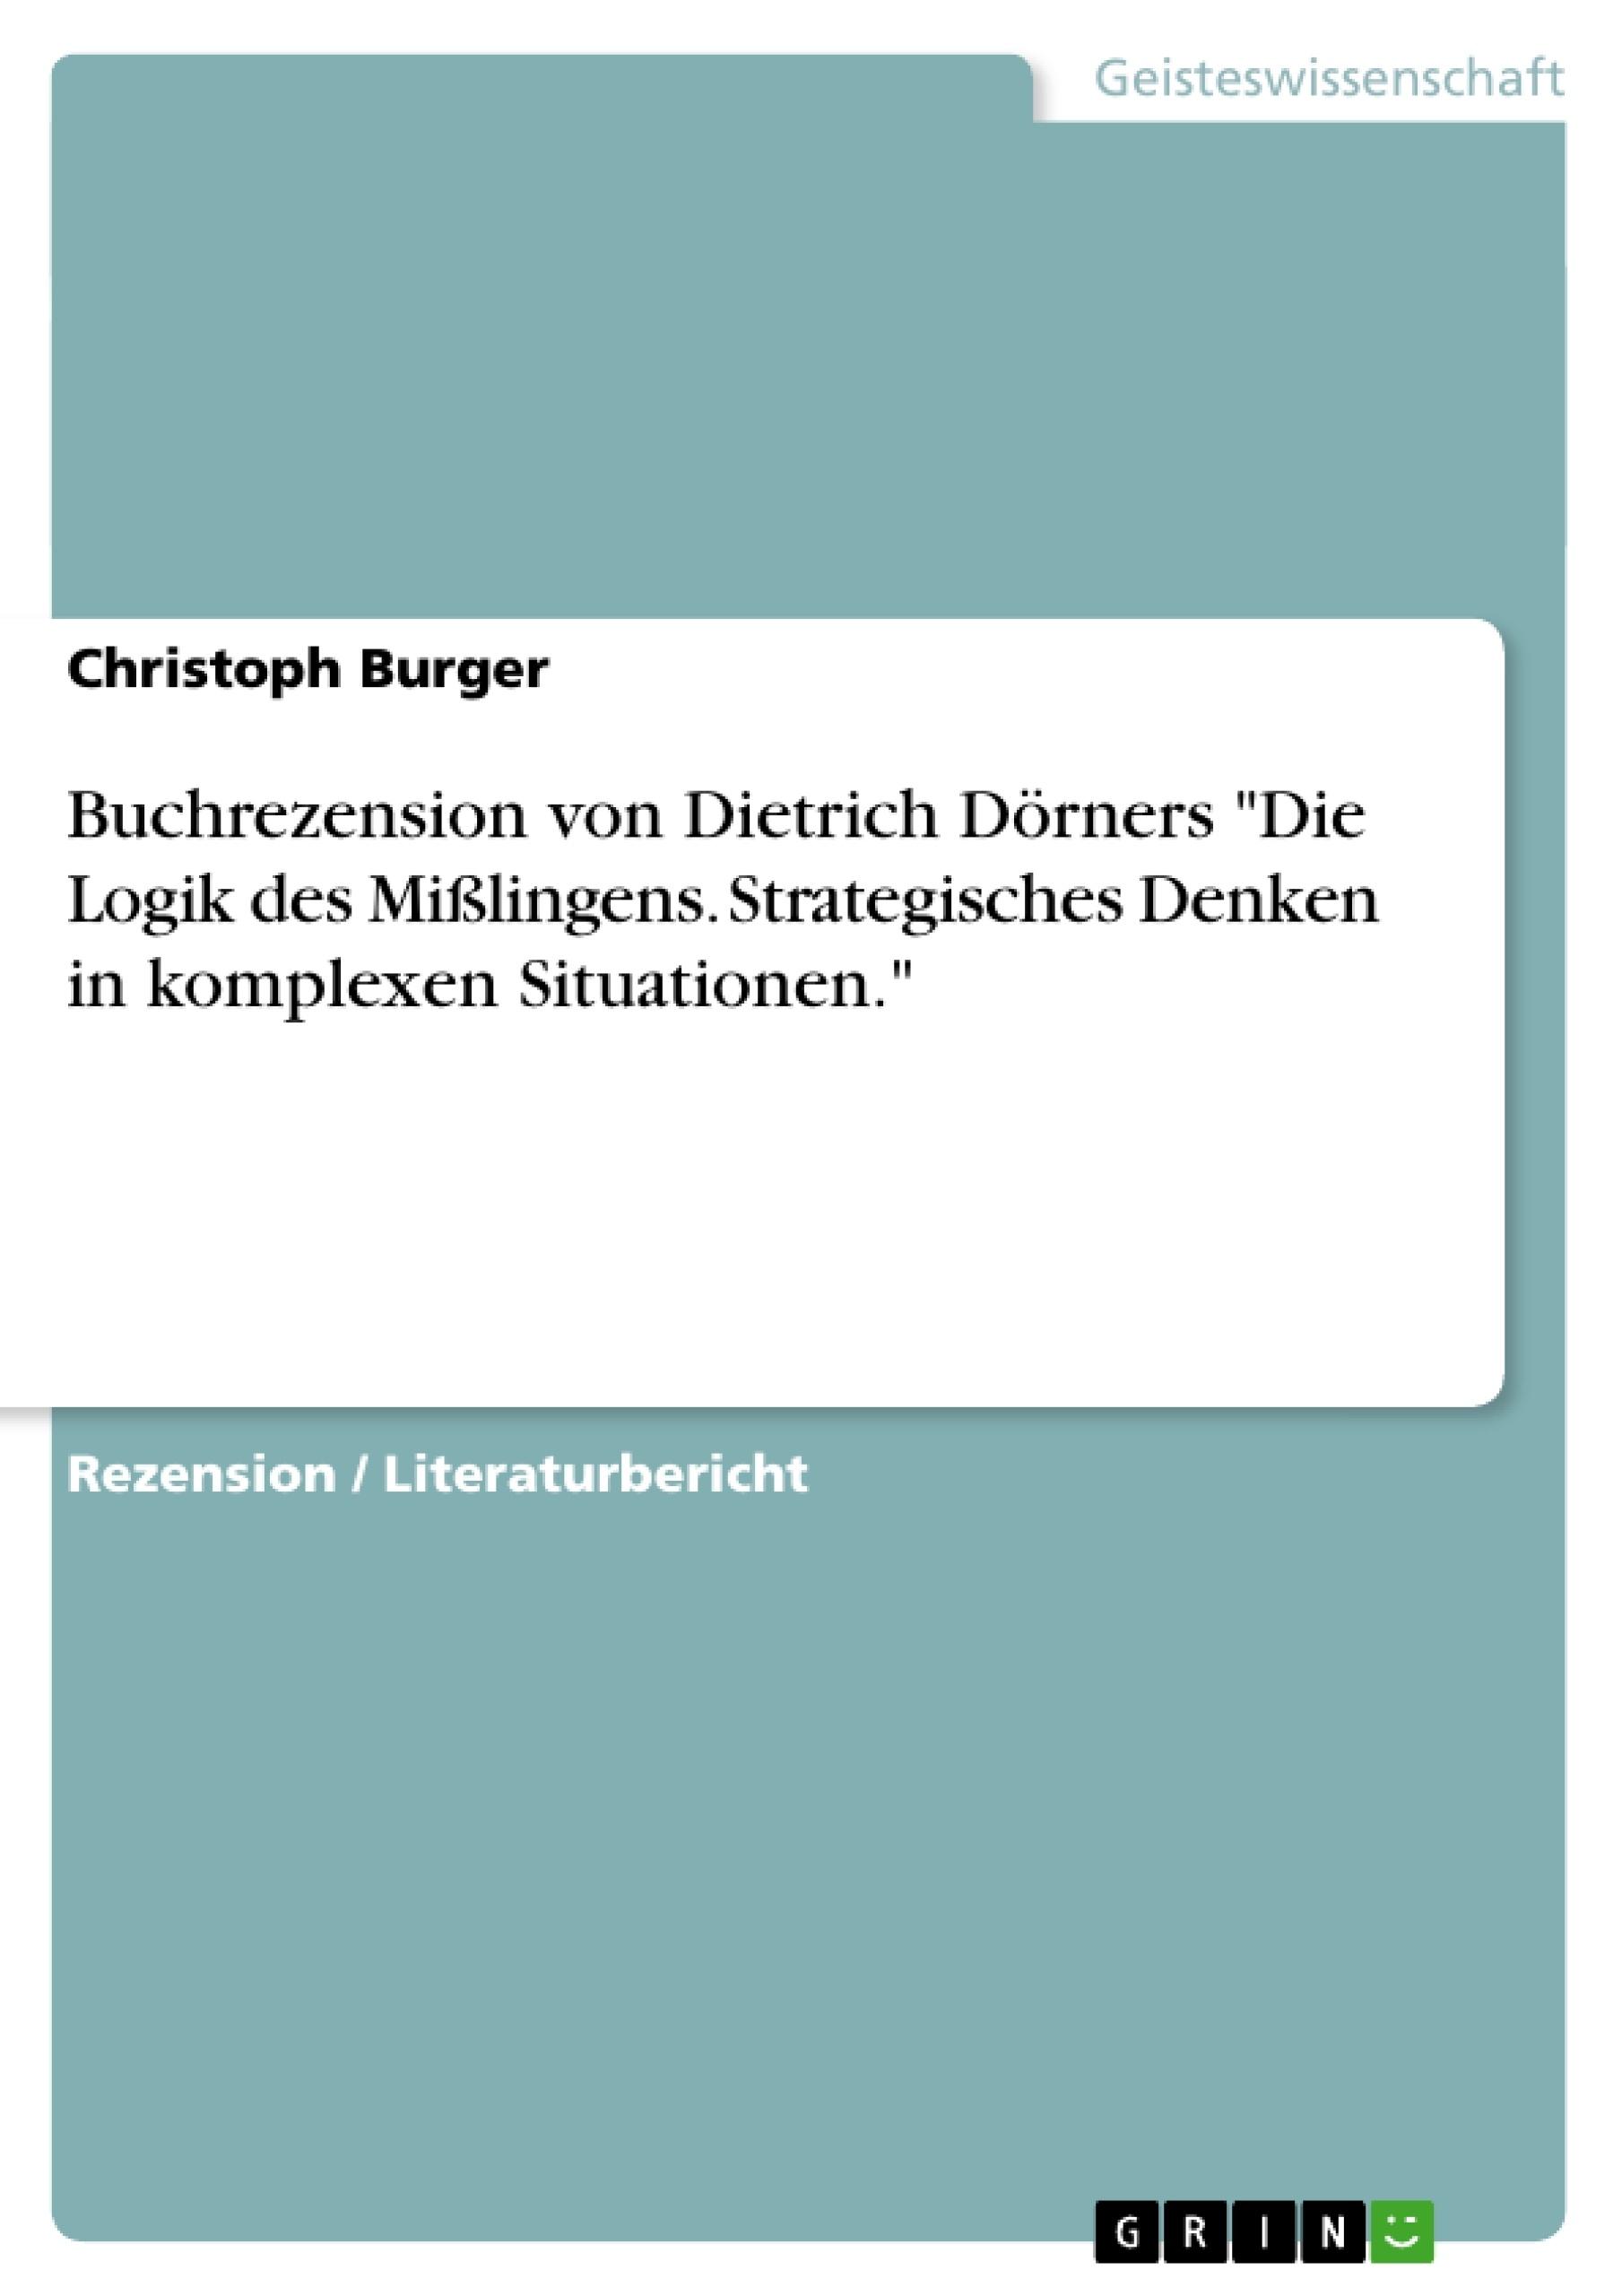 """Titel: Buchrezension von Dietrich Dörners """"Die Logik des Mißlingens. Strategisches Denken in komplexen Situationen."""""""